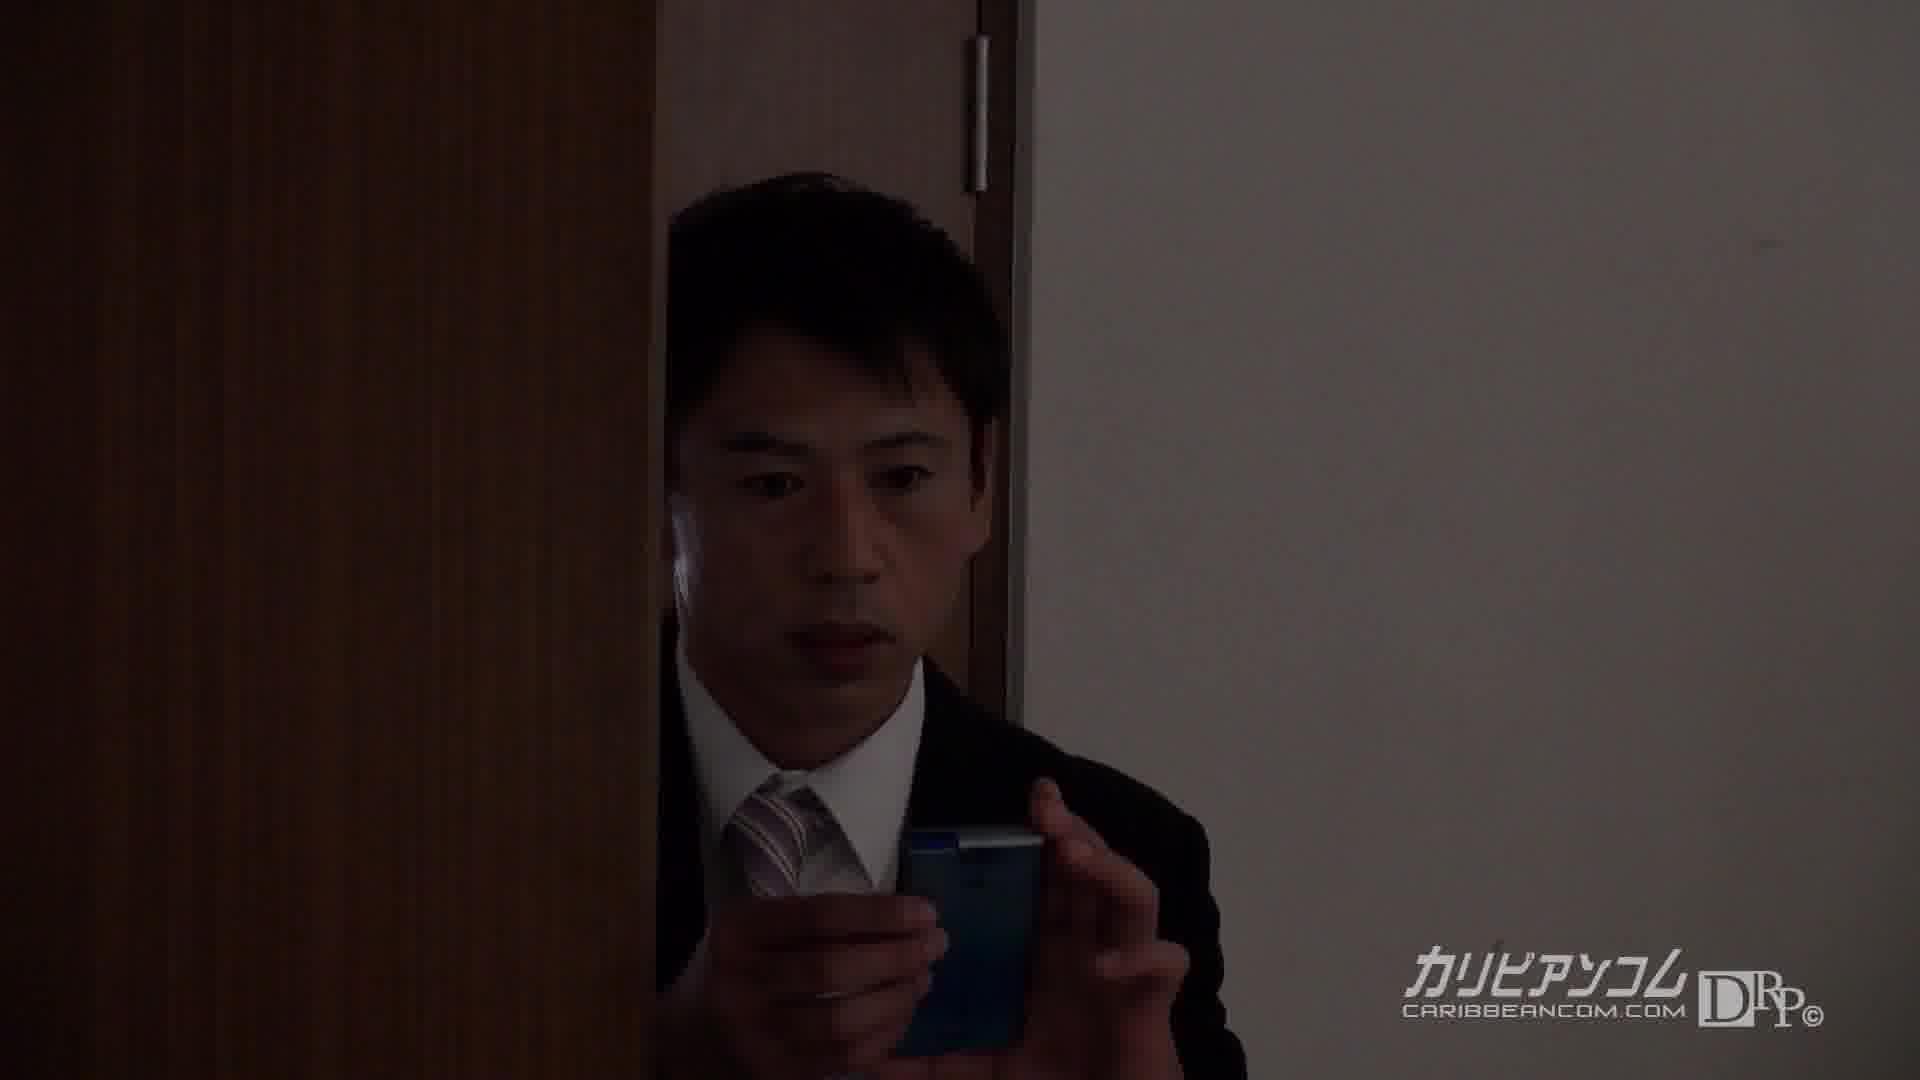 新入社員のお仕事 Vol.18 - 愛原みほ【OL・イラマチオ・初裏】